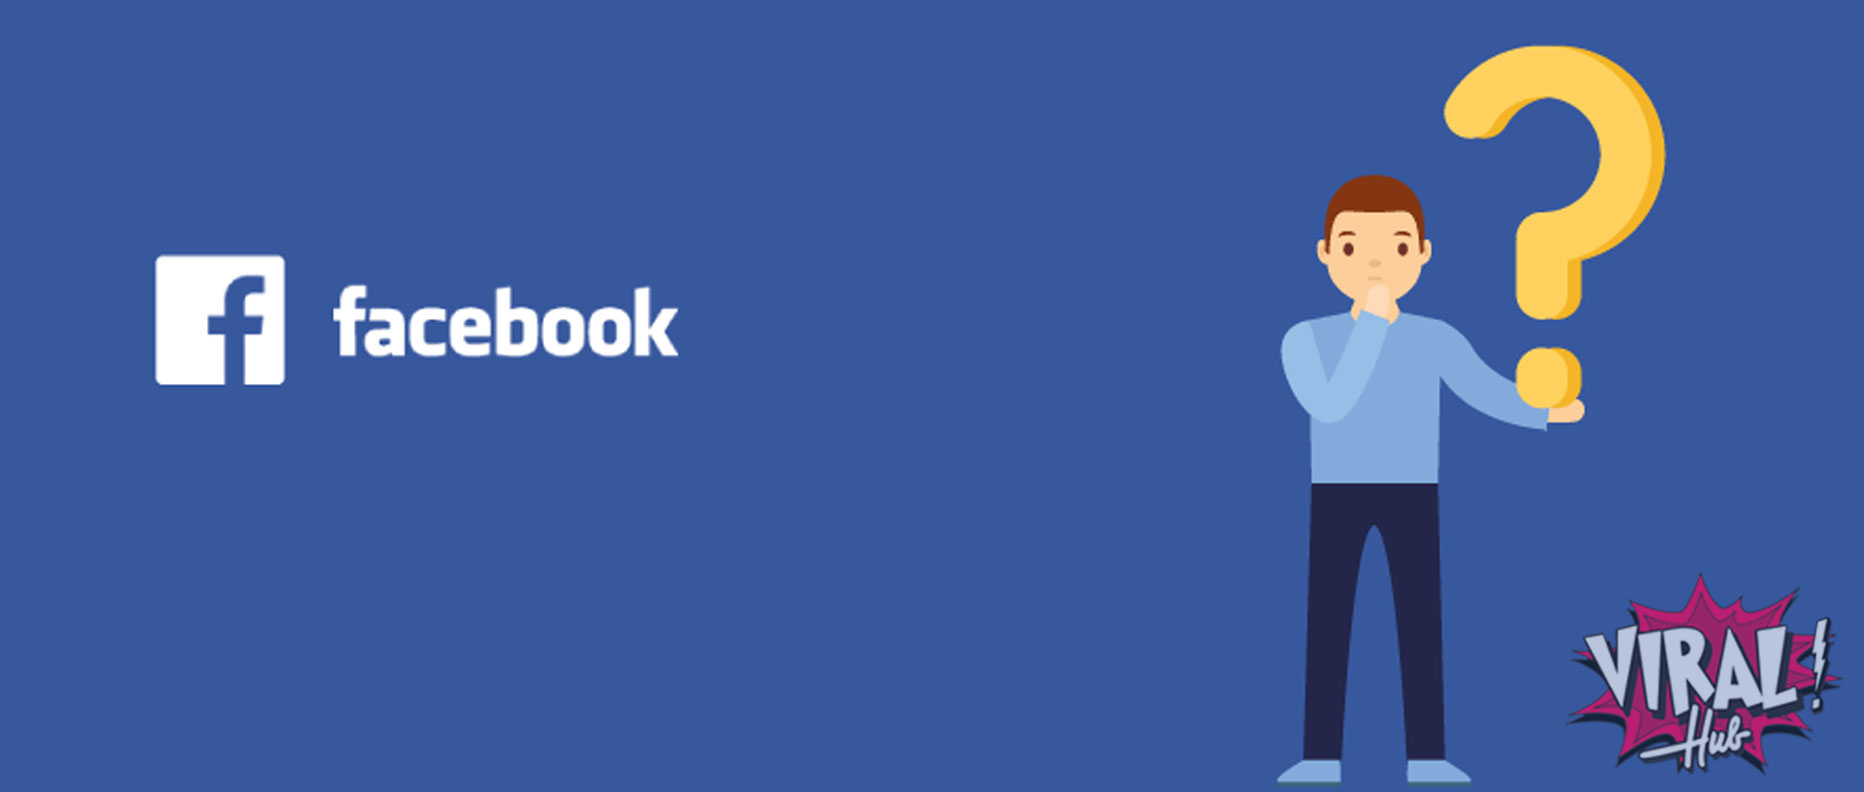 Como bloquear alguém no facebook?